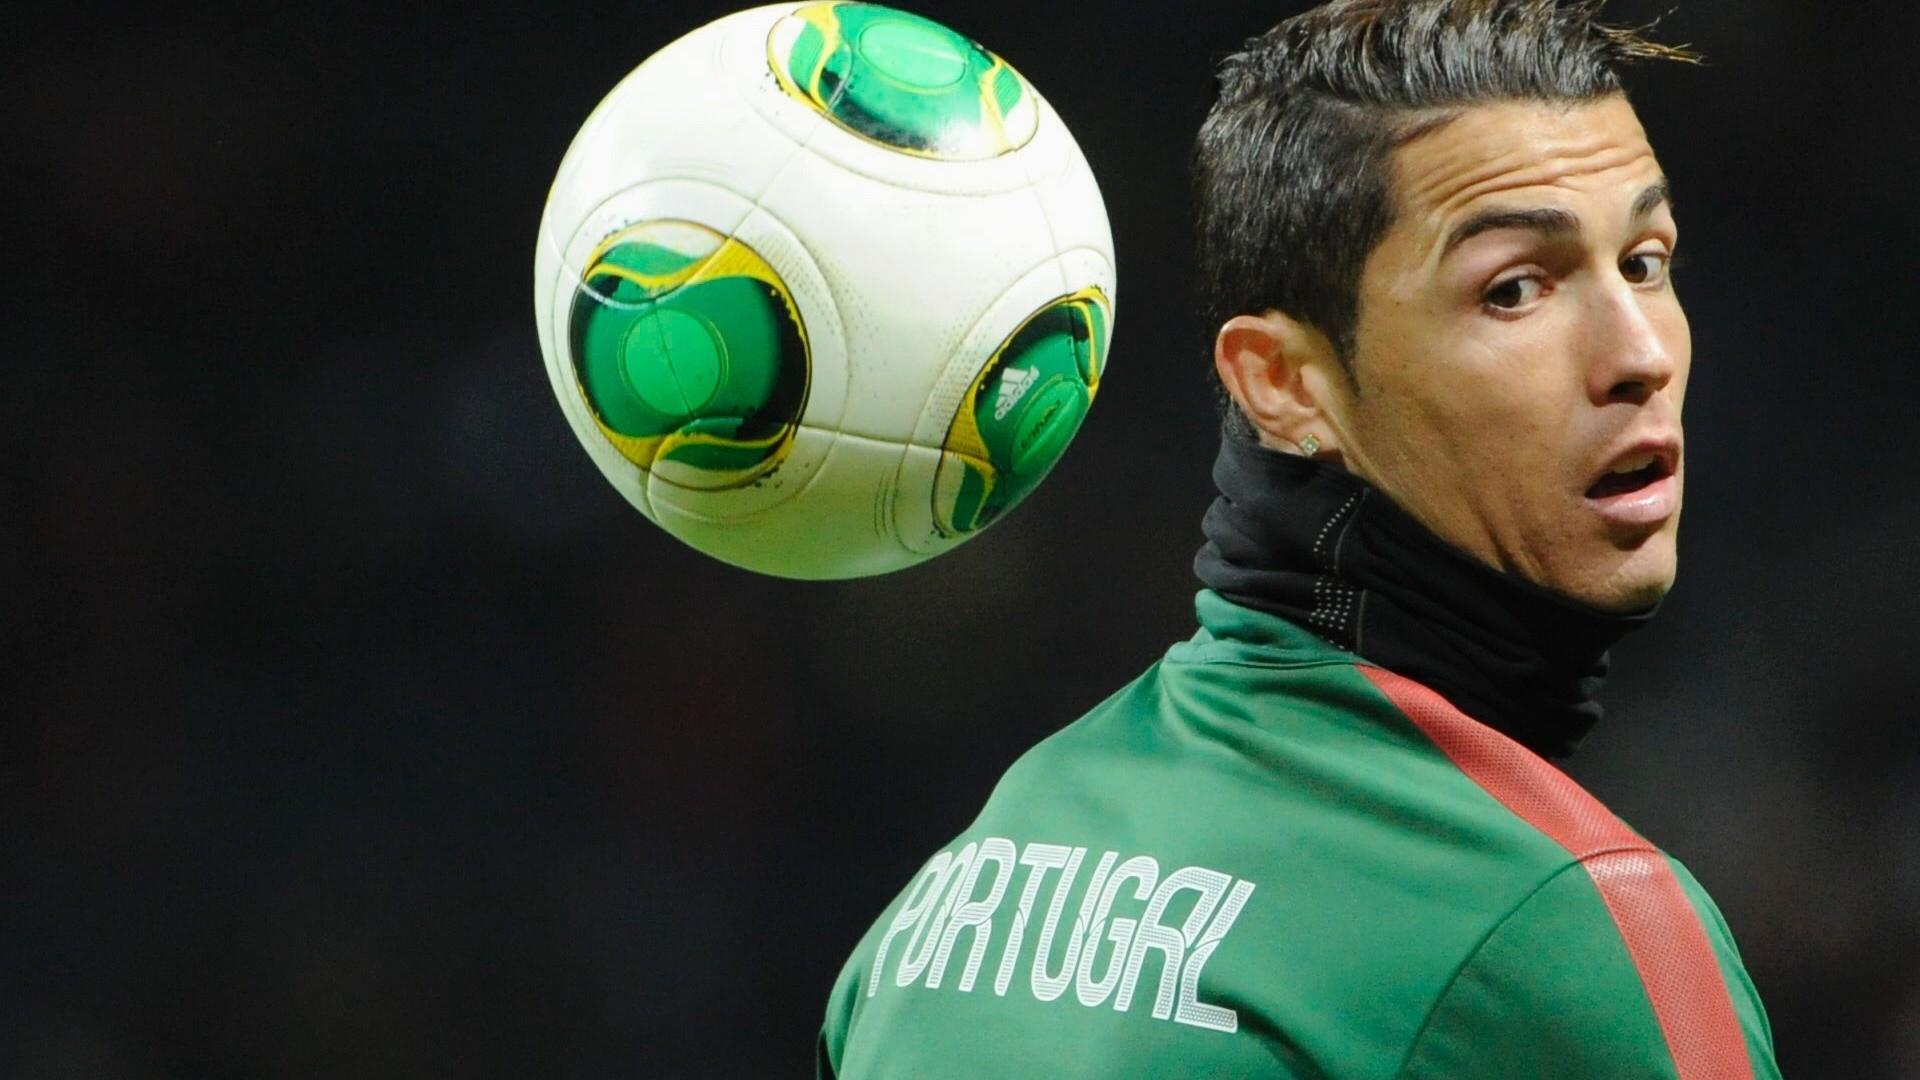 Cristiano Ronaldo Portugal practice session wallpaper